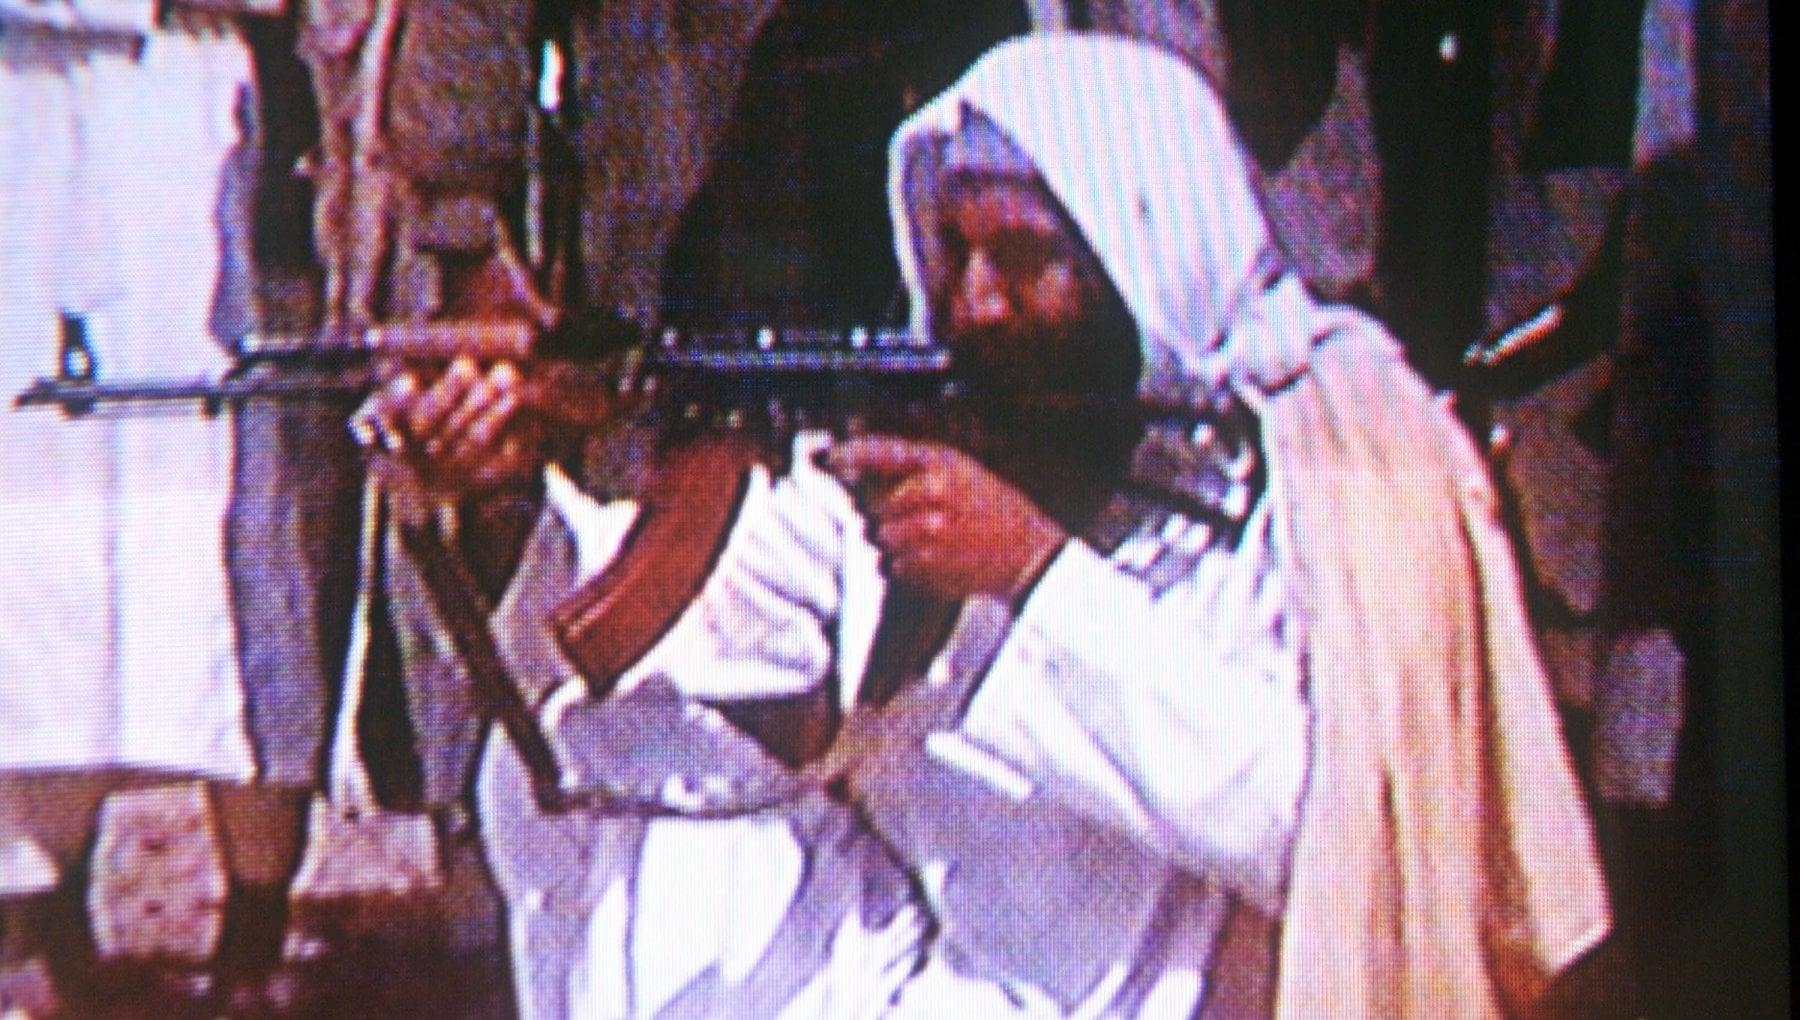 183240866 7fbc2359 7e37 40b7 a373 202804856ac2 - Osama Bin Laden tradito da... le sue mutande: la biancheria stesa aiutò gli Usa a trovarlo